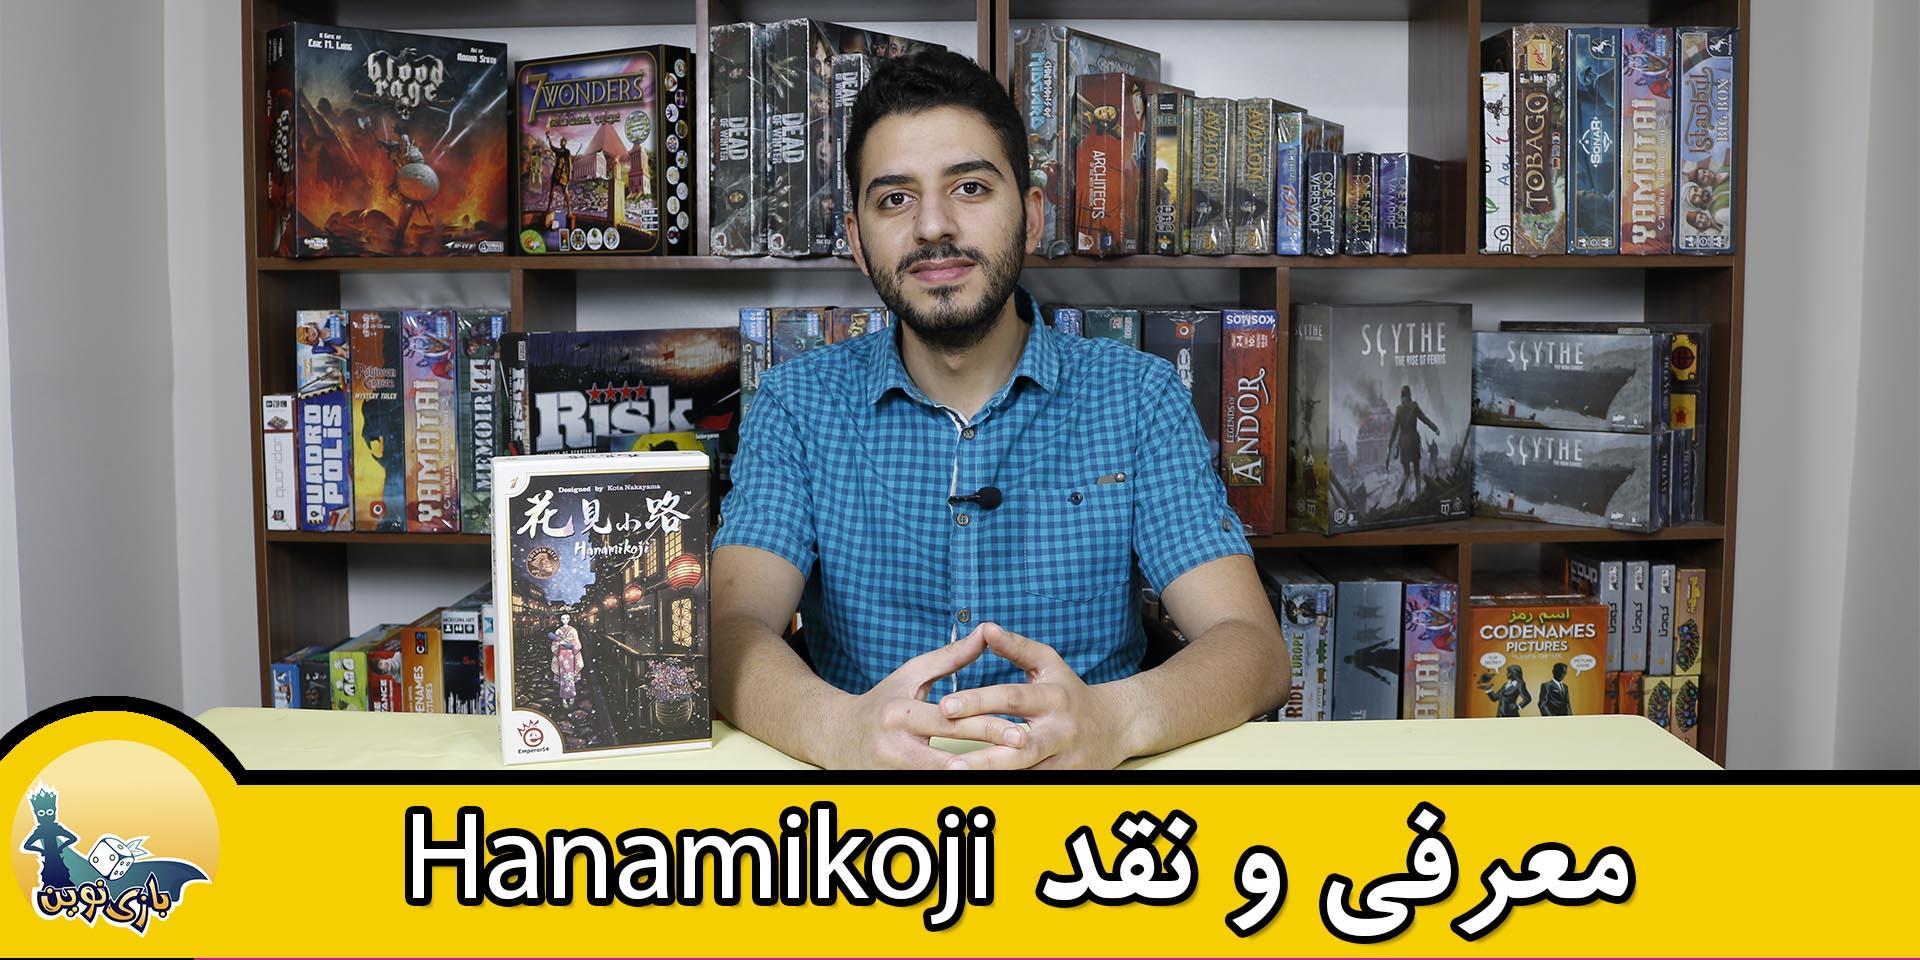 معرفی-و-نقد-بازی-hanamikoji